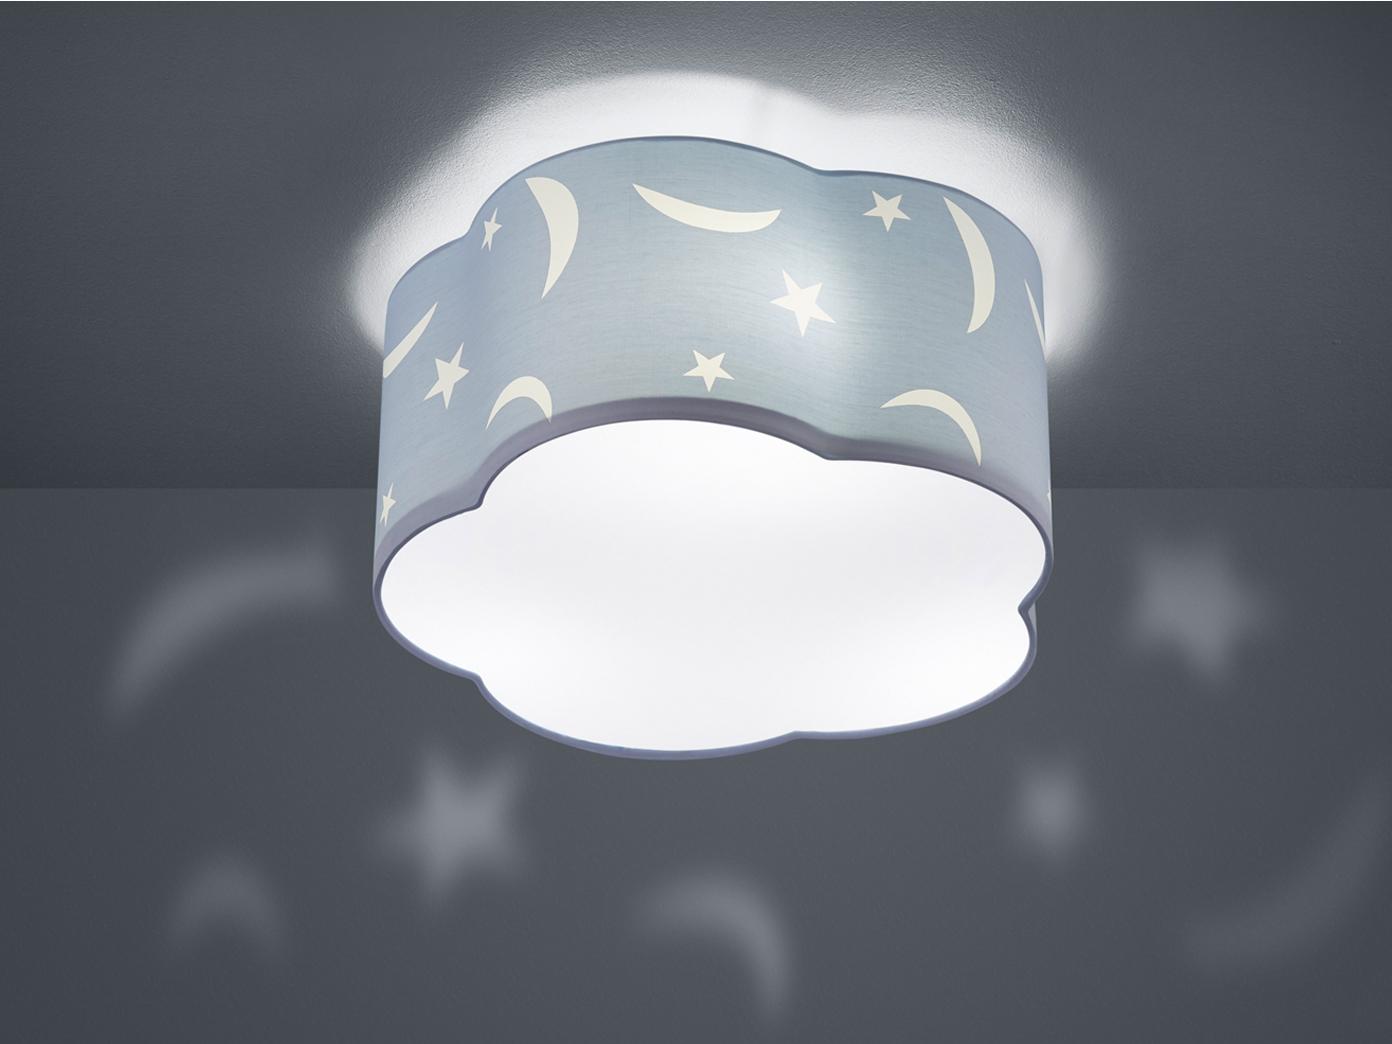 Kinderzimmerlampe Mond Stern Deckenlampe 30 Watt 2550 Lumen LED Deckenleuchte A